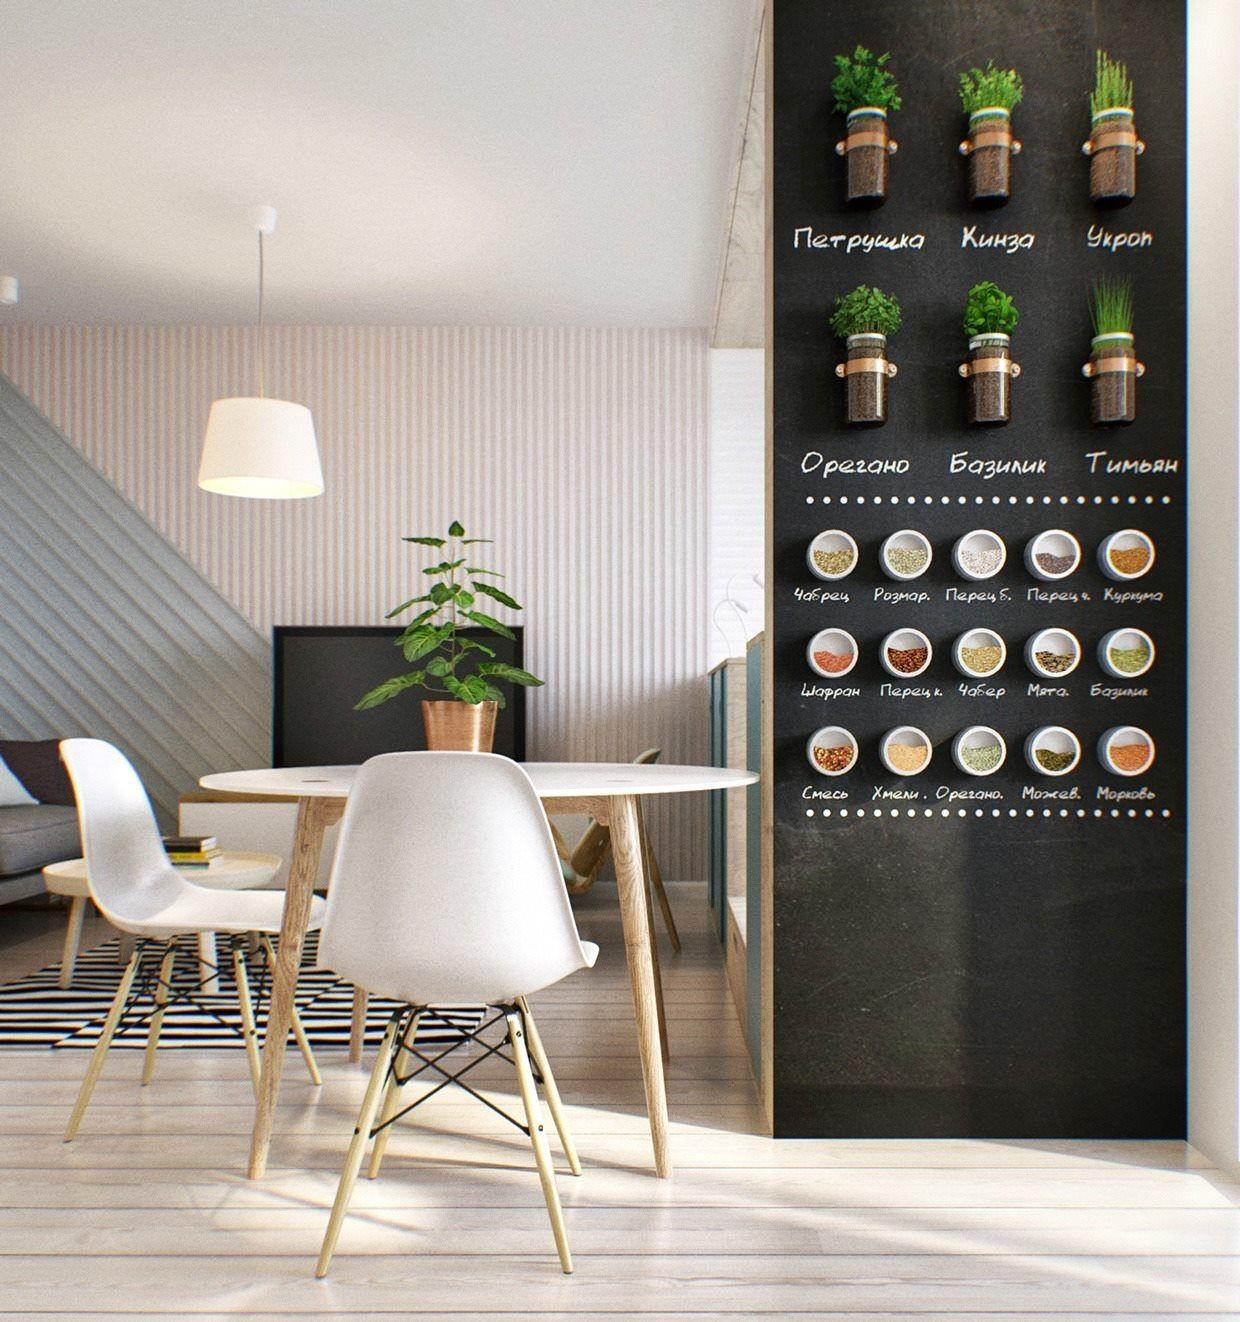 Ecco 33 idee economiche per migliorare la casa | Decorare una parete ...